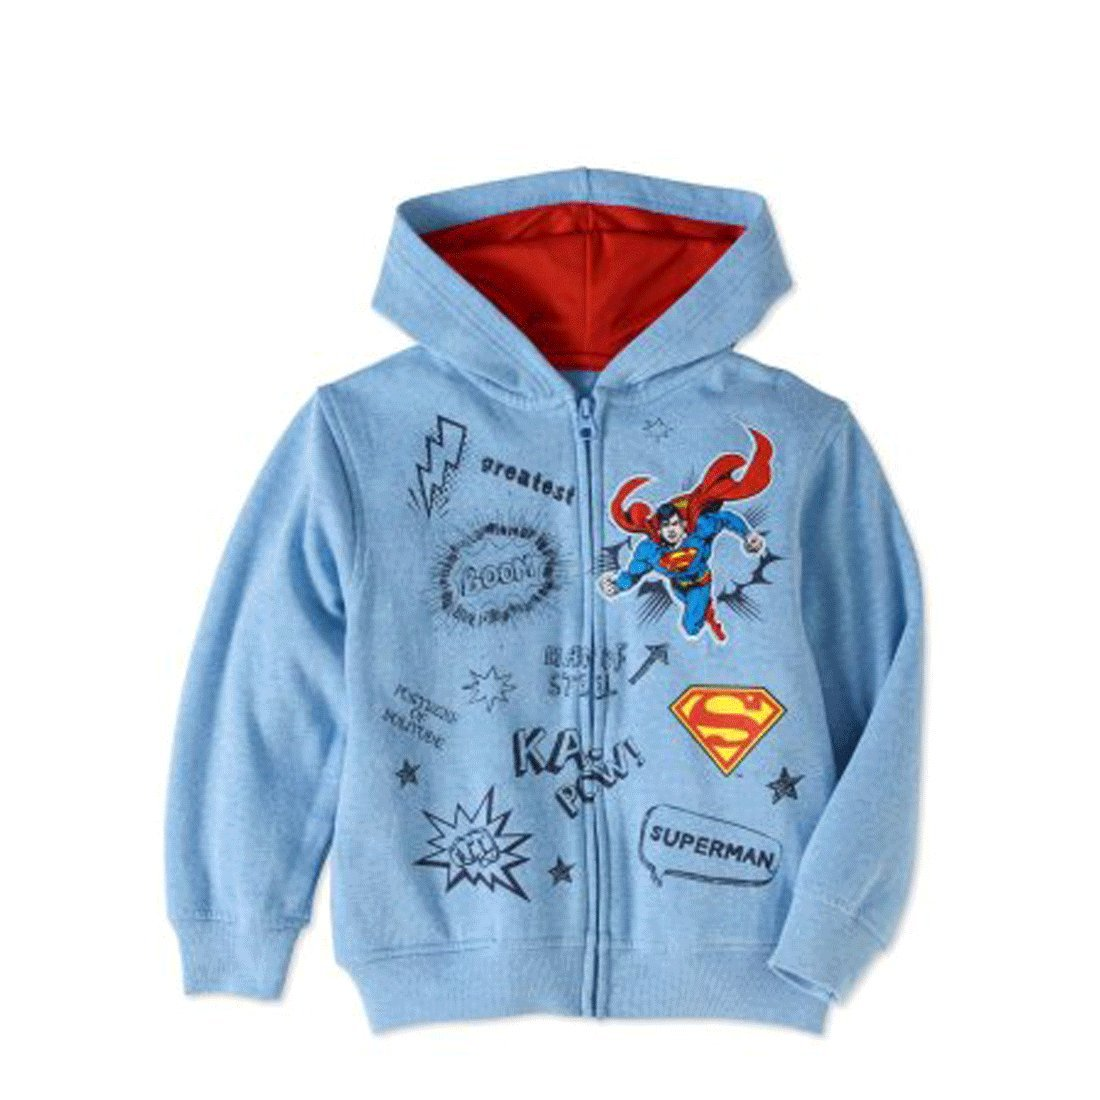 superman Little Boys Jacket 7